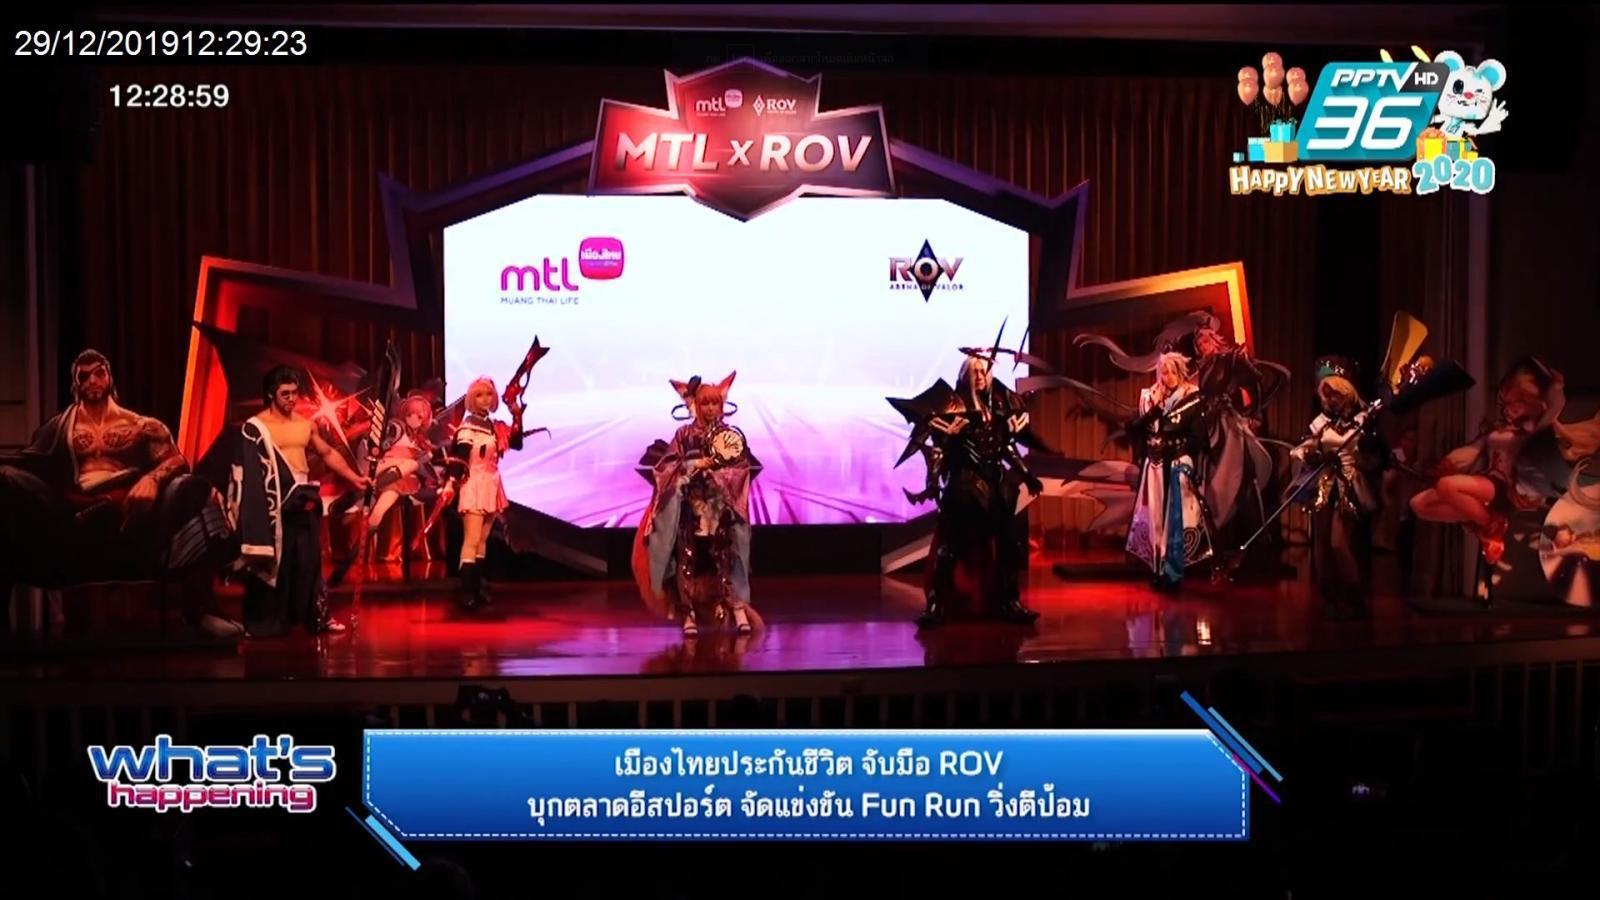 เมืองไทยประกันชีวิต จับมือ ROV บุกตลาดอีสปอต์ พร้อมจัดแข่งขัน Fun Run วิ่งตีป้อม